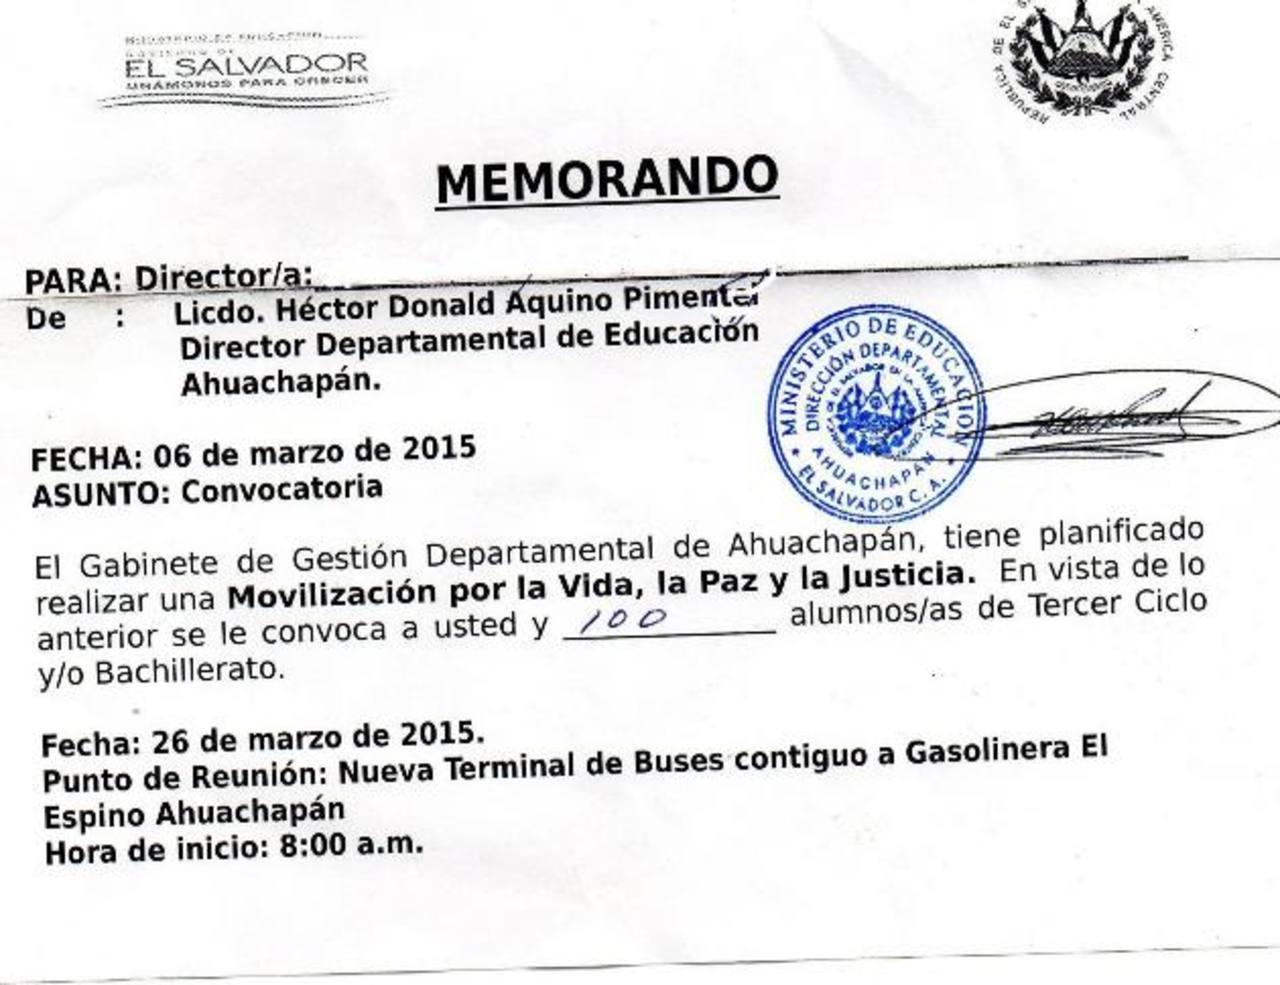 La copia de una nota girada por un director departamental de Educación circuló ayer en las redes. Foto EDH / redes sociales